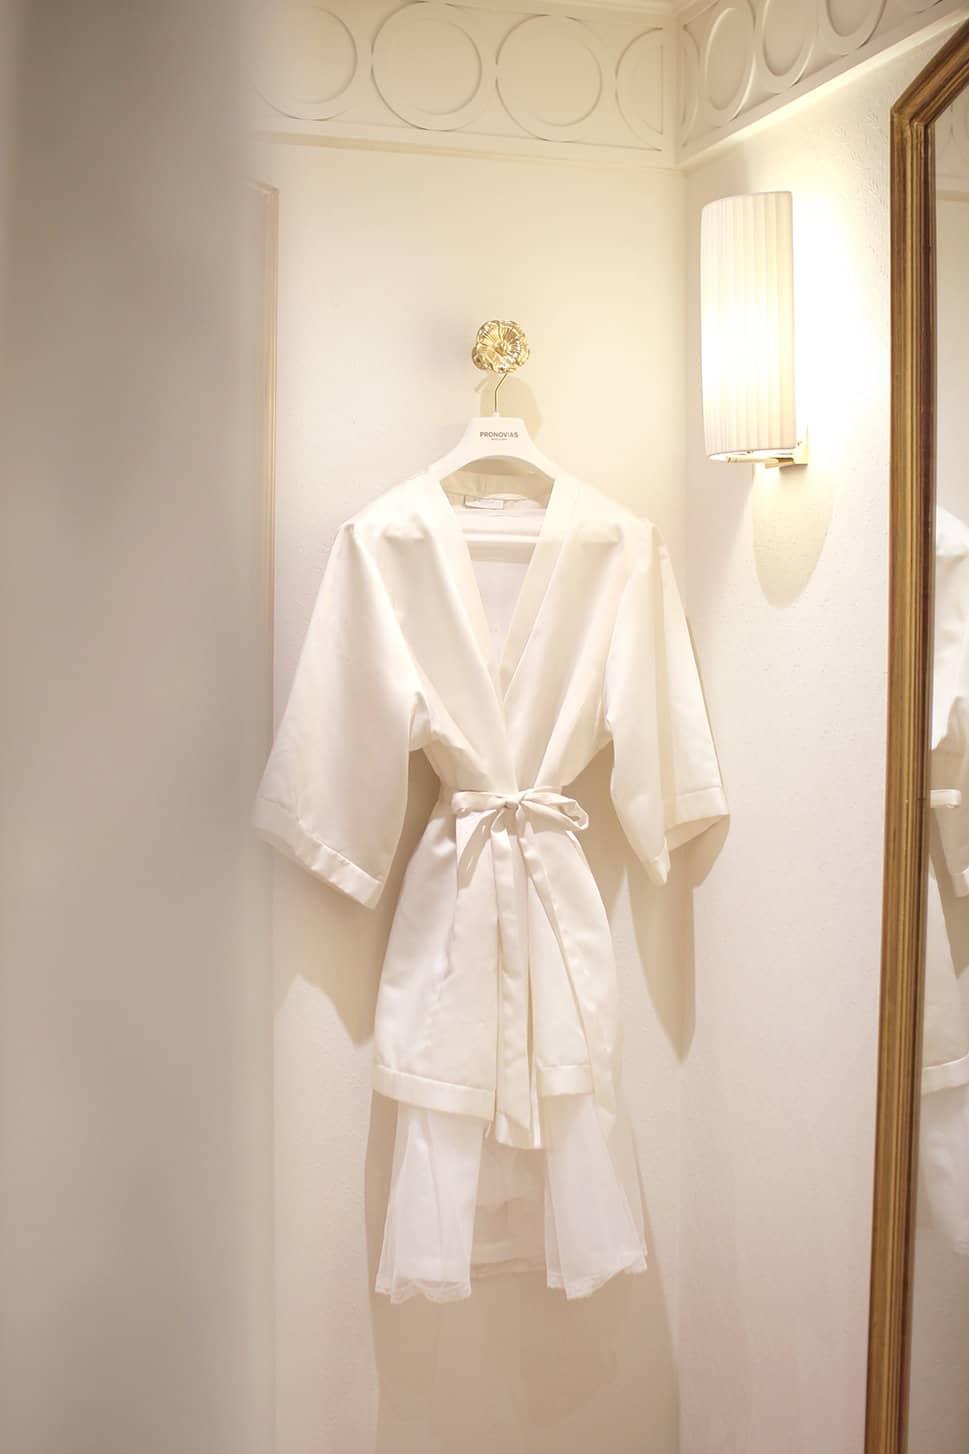 séance essayages robe de mariée pronovias paris avec Atout Coeur Wedding